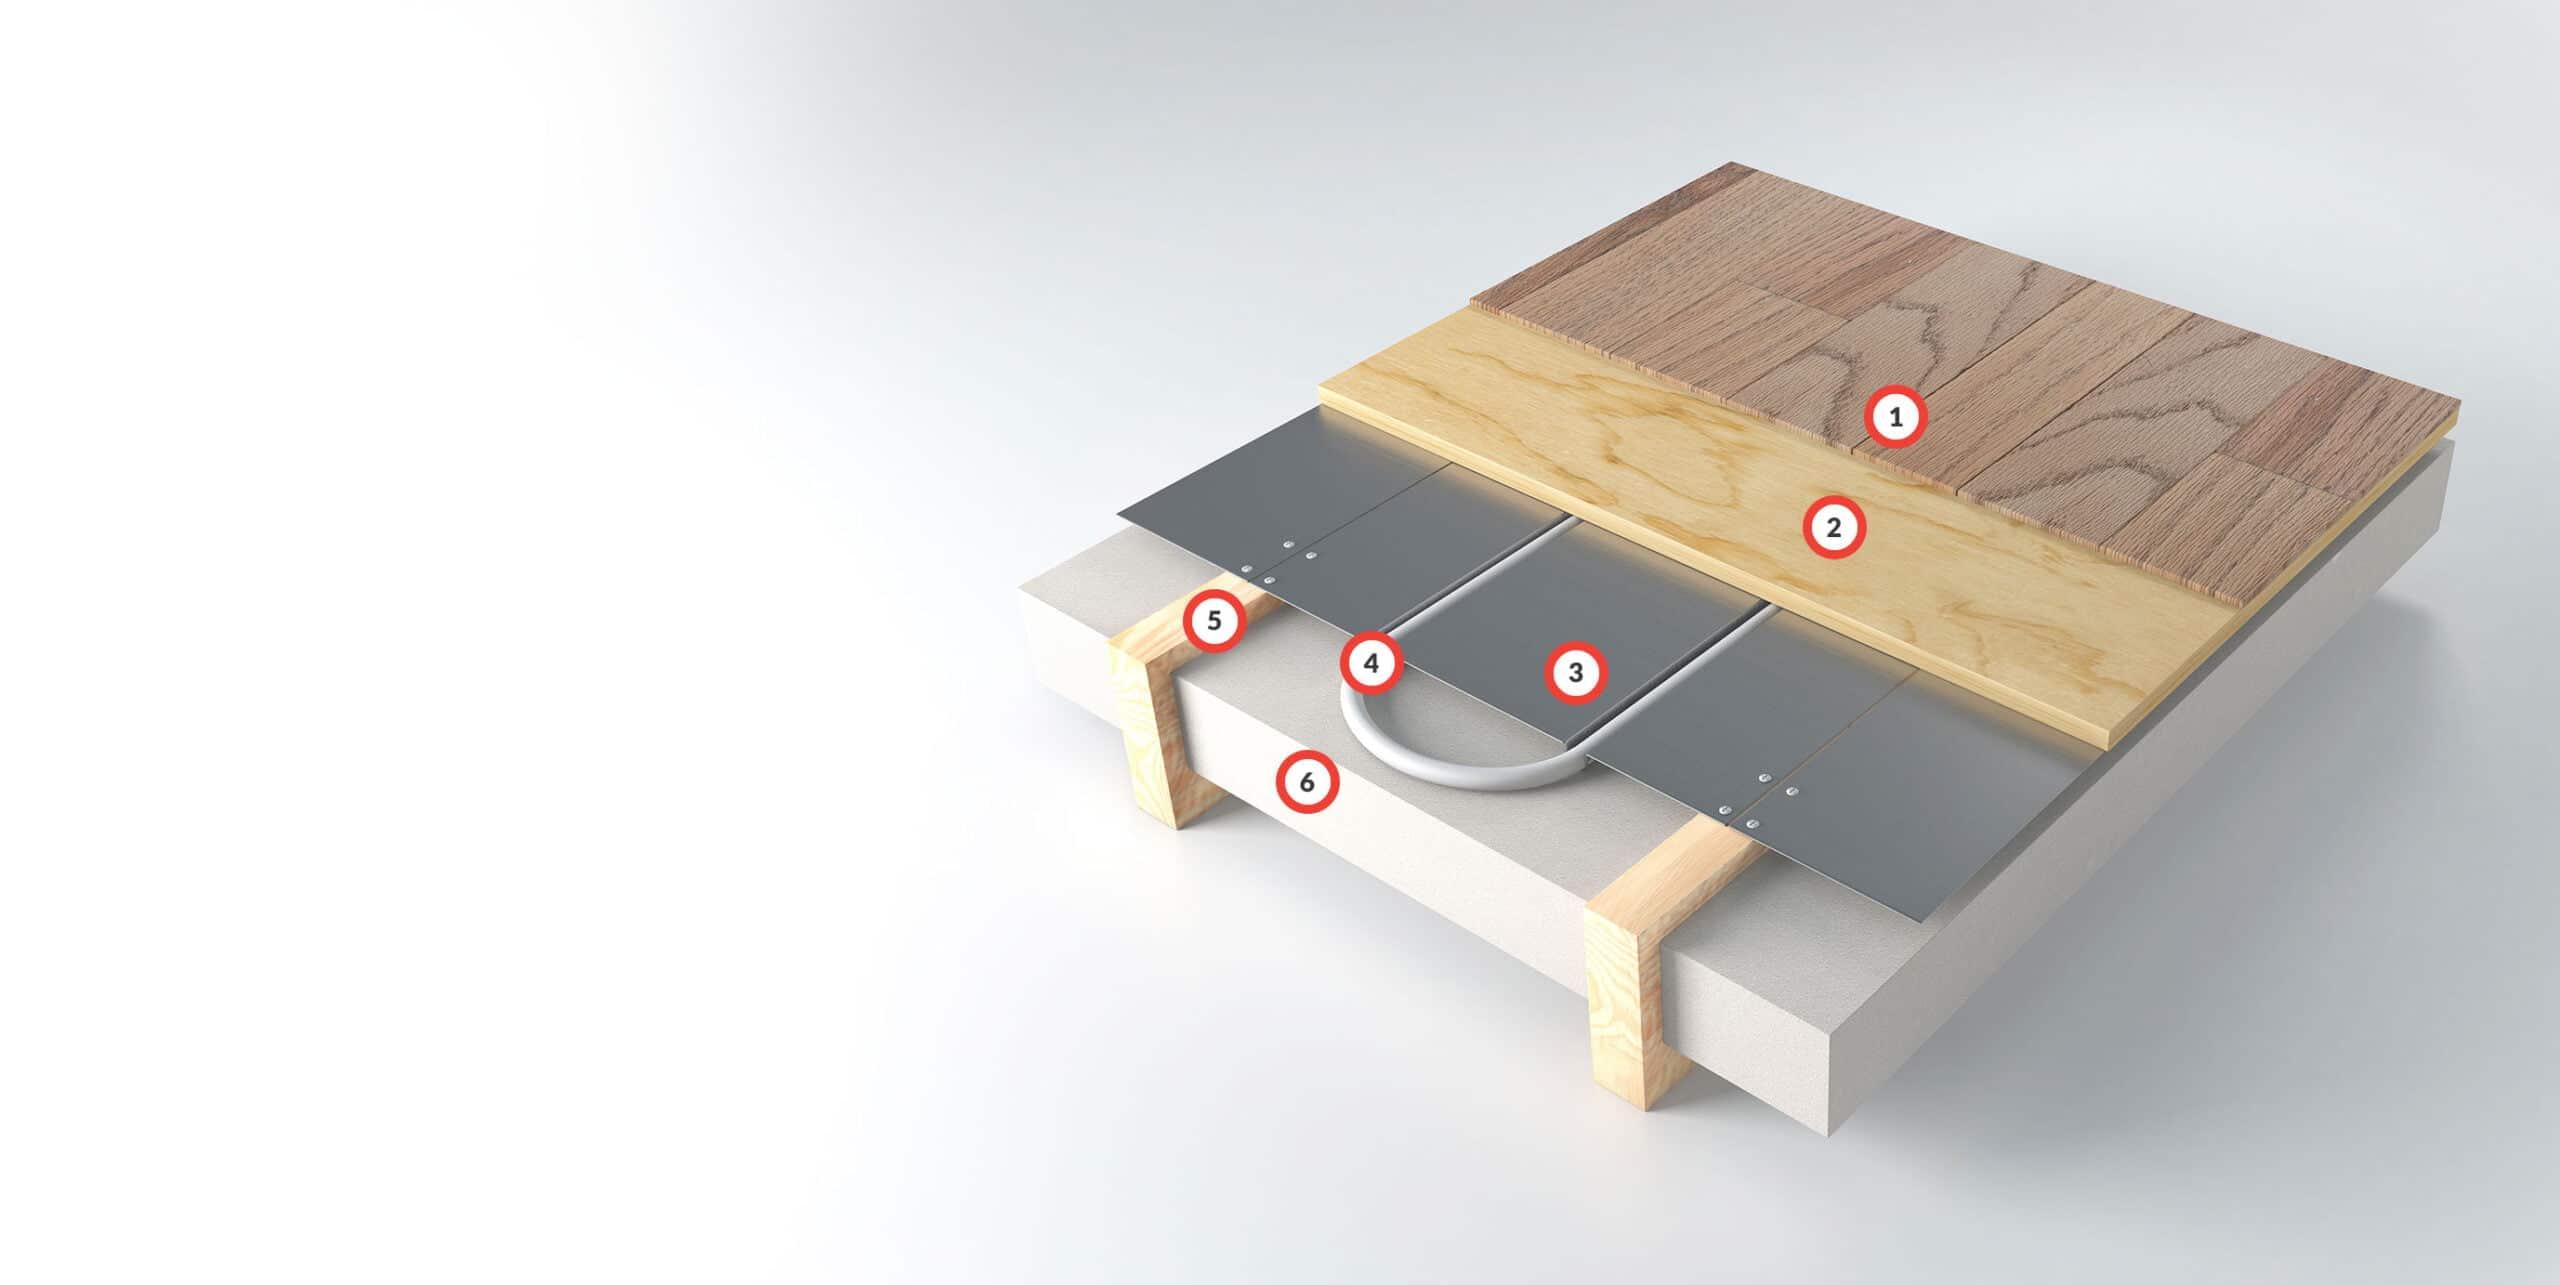 Heat Spreader System